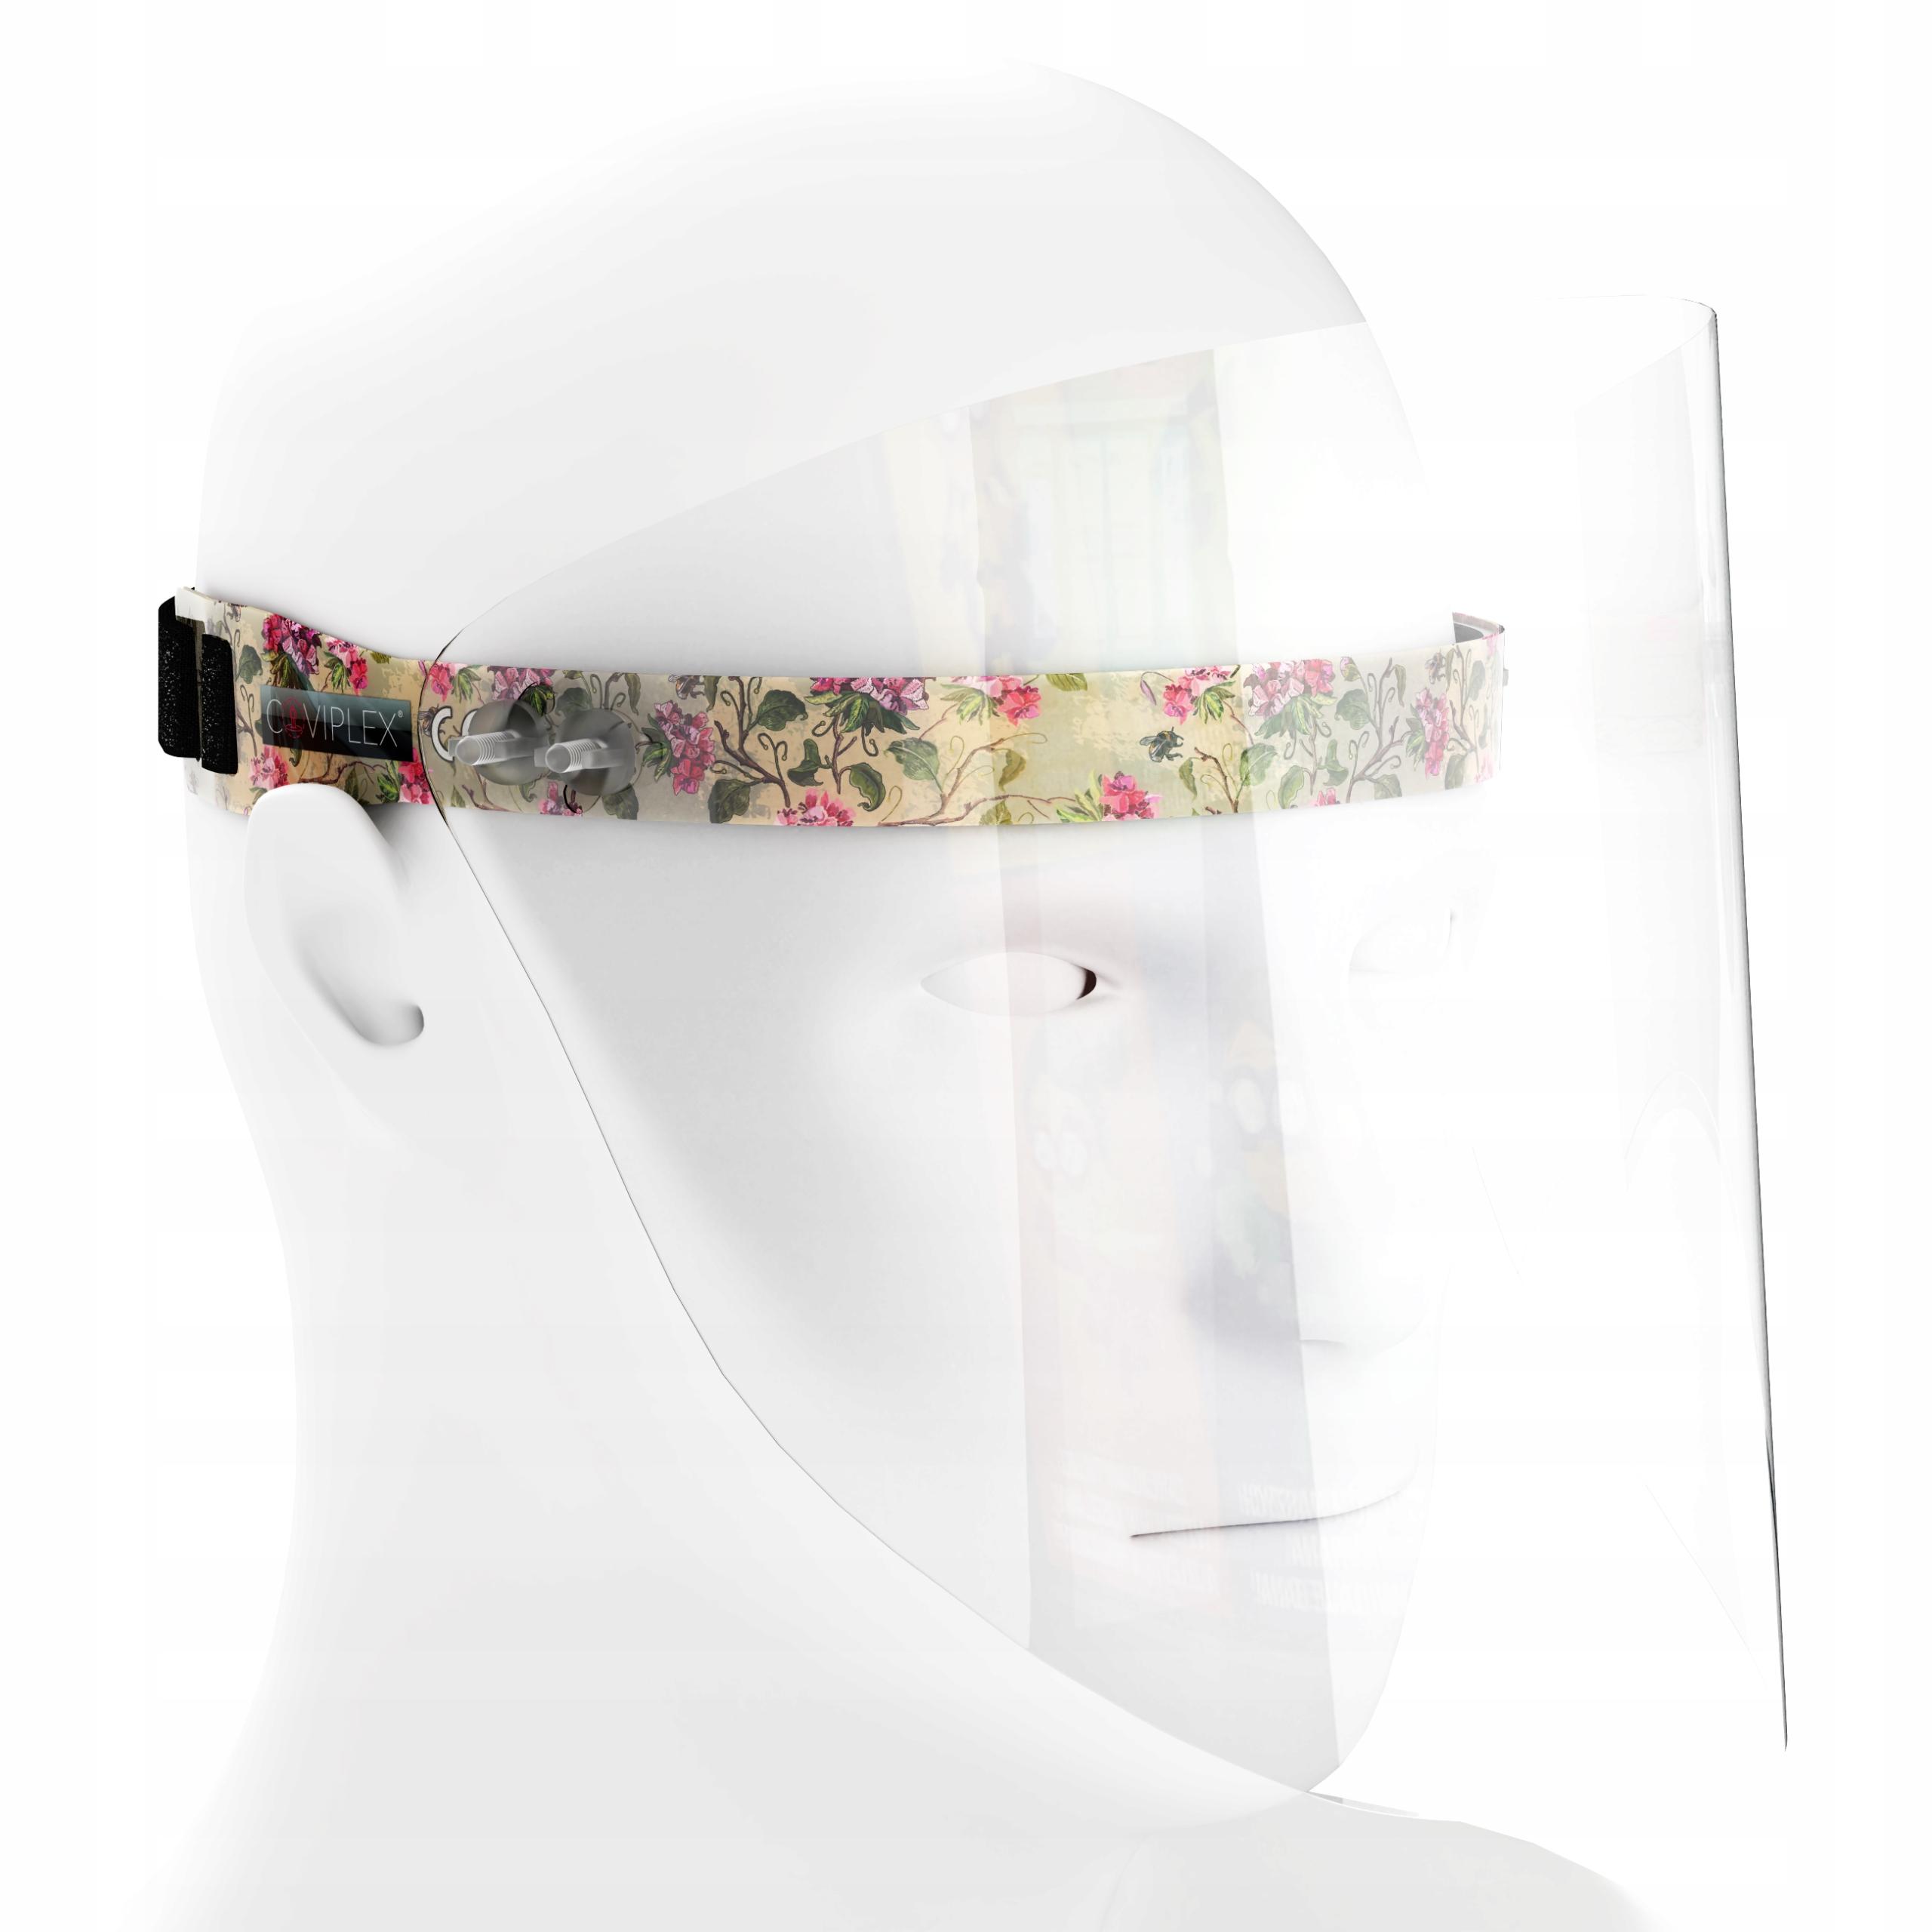 Купить Защитный шлем Coviplex ultra light ROSETTA на Otpravka - цены и фото - доставка из Польши и стран Европы в Украину.